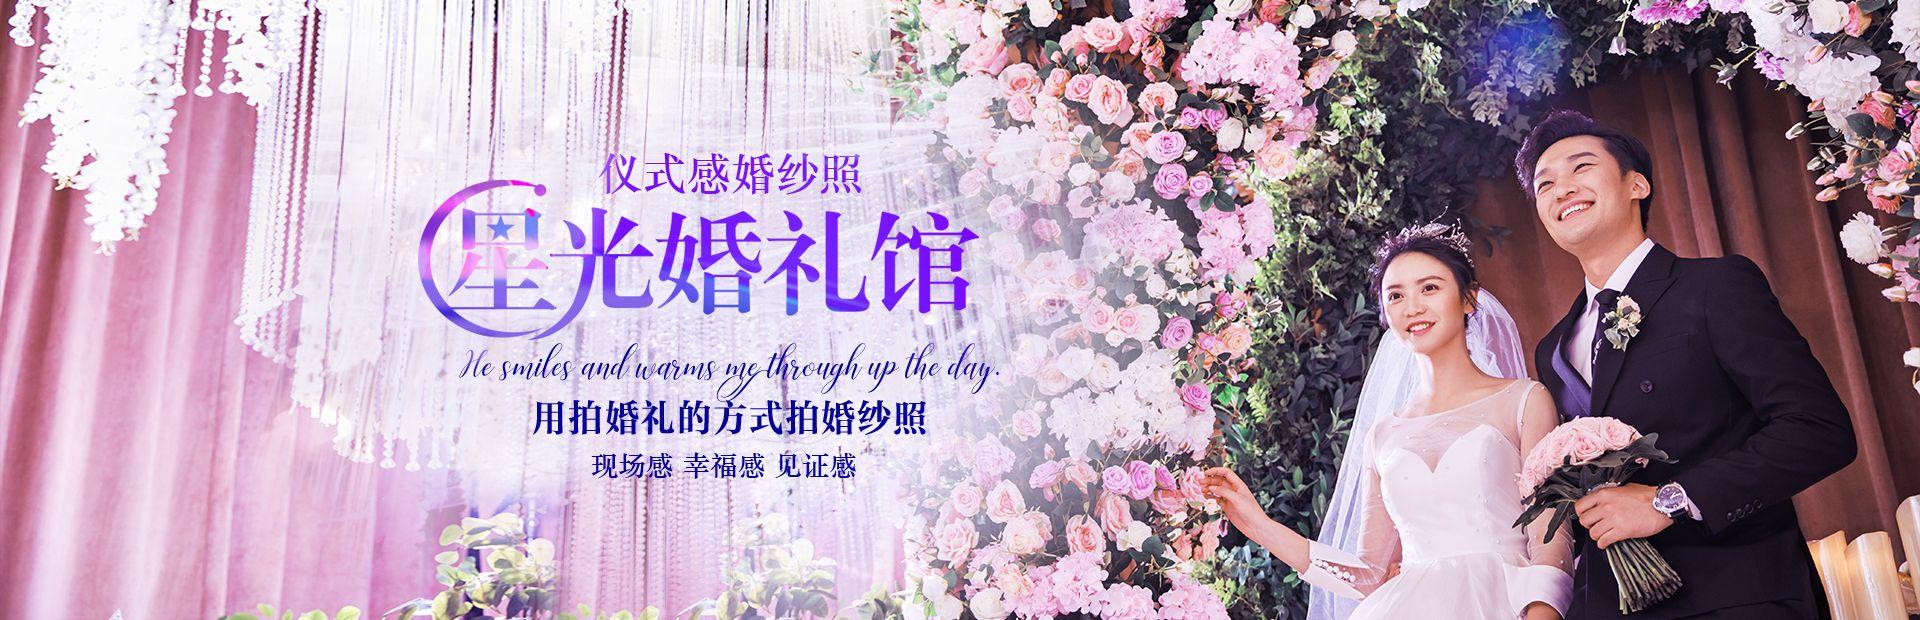 星光婚礼(顶部幻灯片)